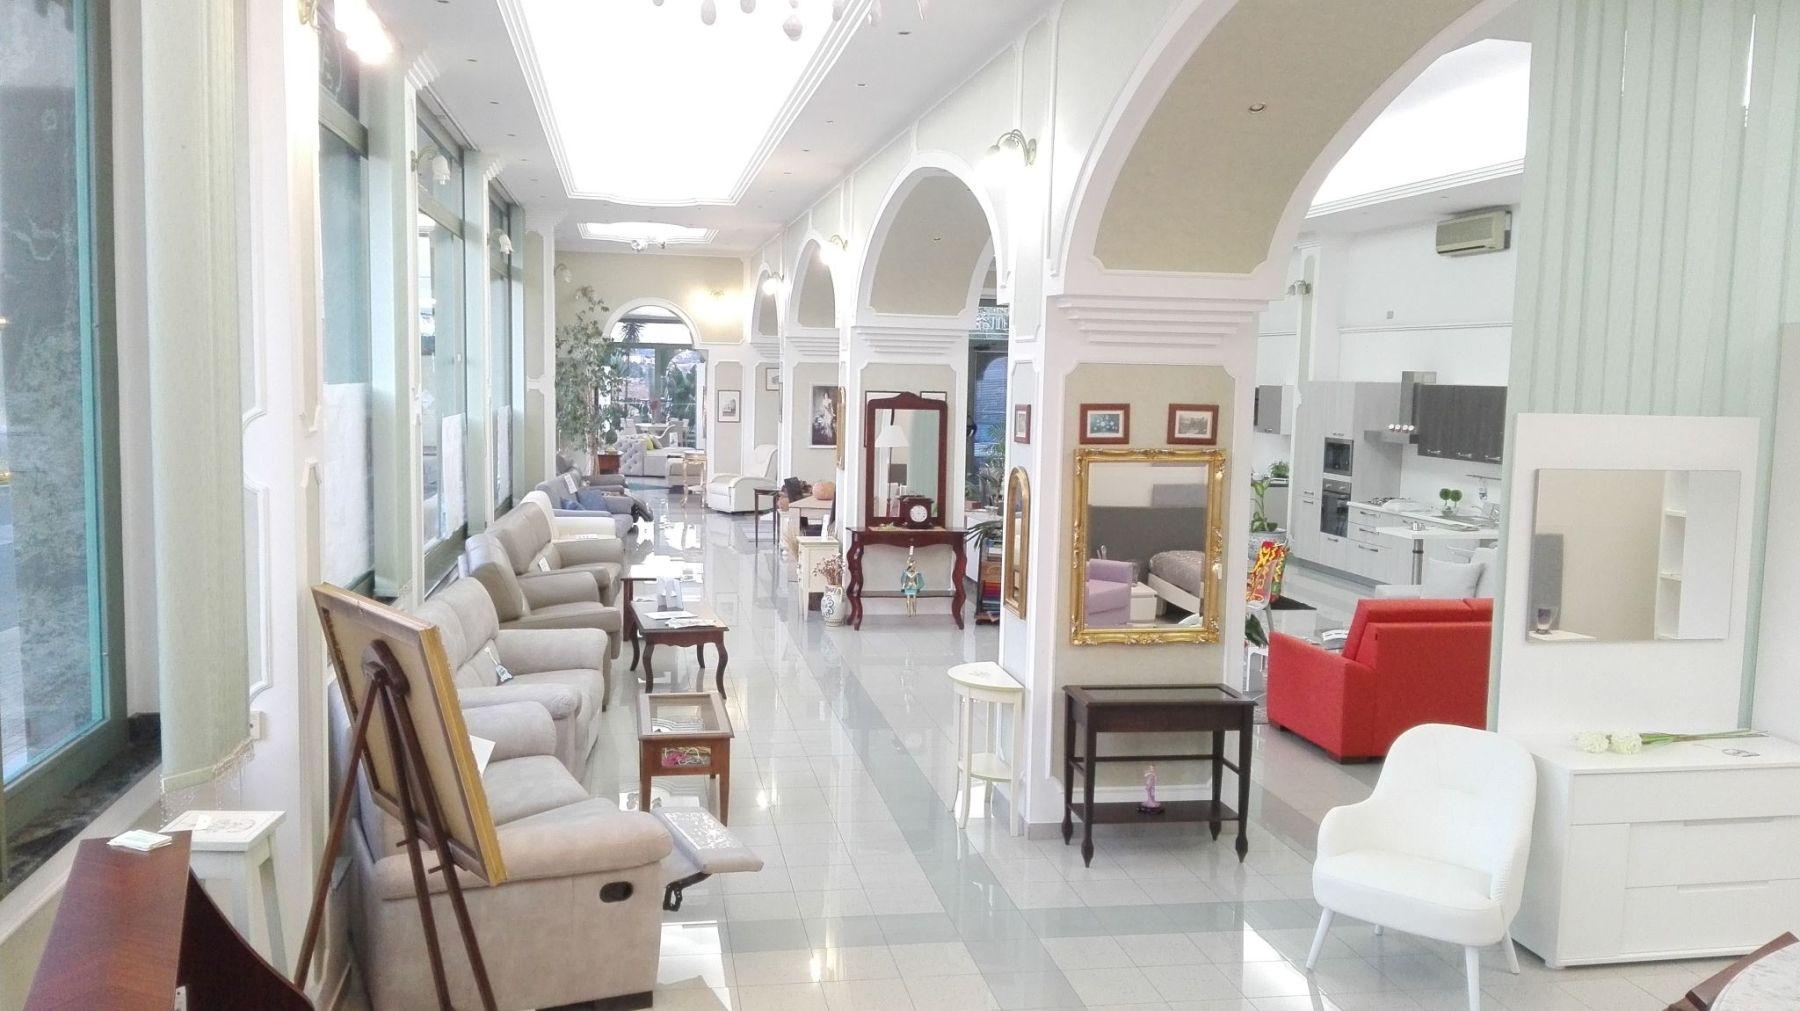 Cucine Moderne A Catania.Arte Mobili Arreda Interior Design Caltagirone Mobili